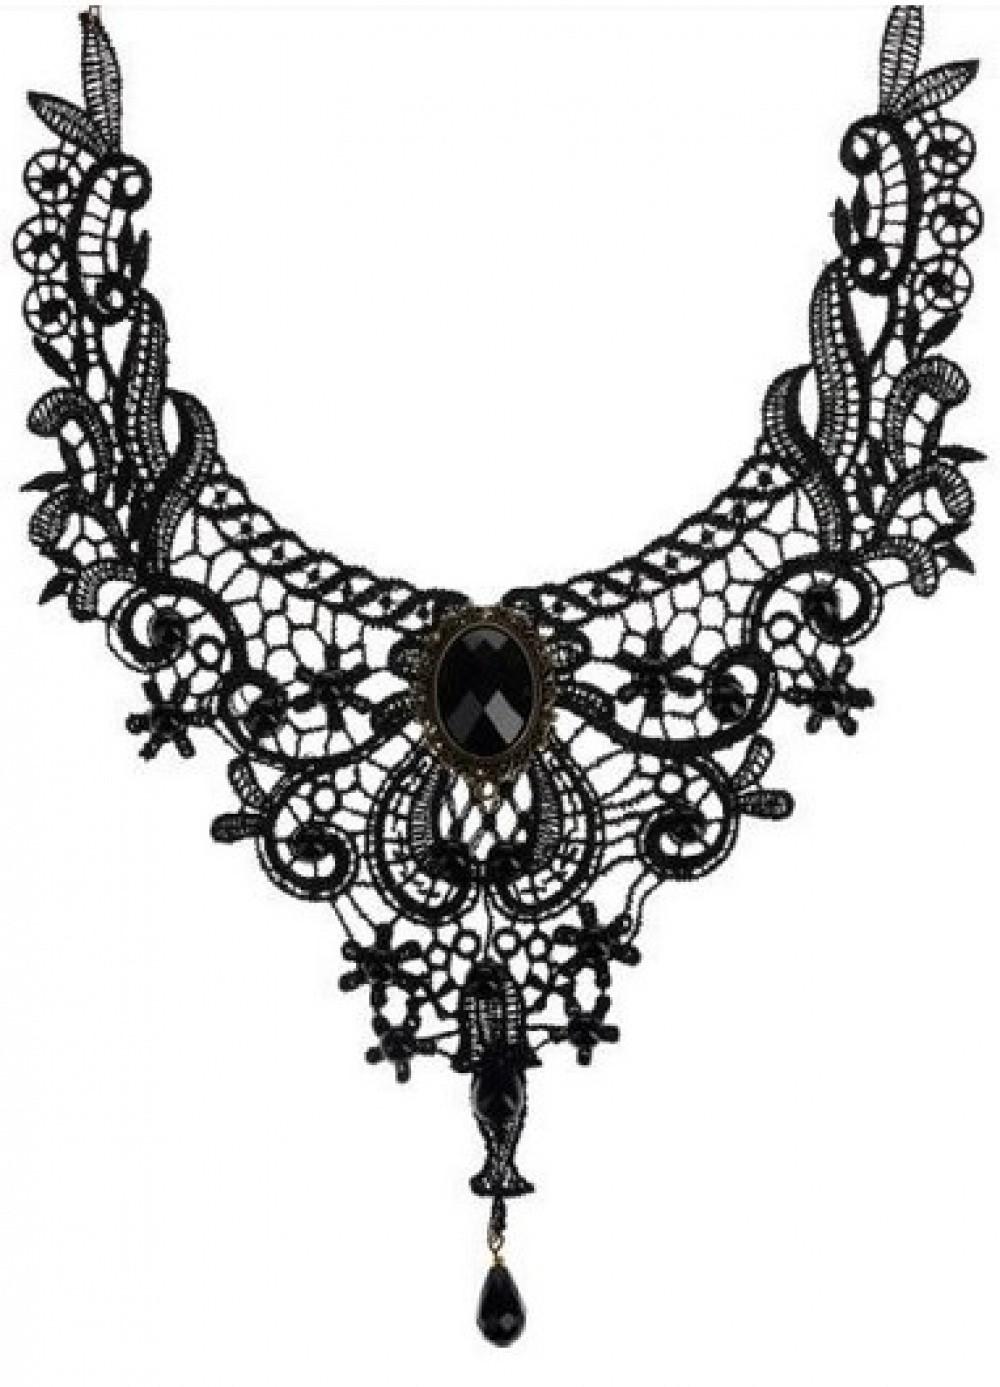 Collier baroque en dentelle brodée Epicuria noir